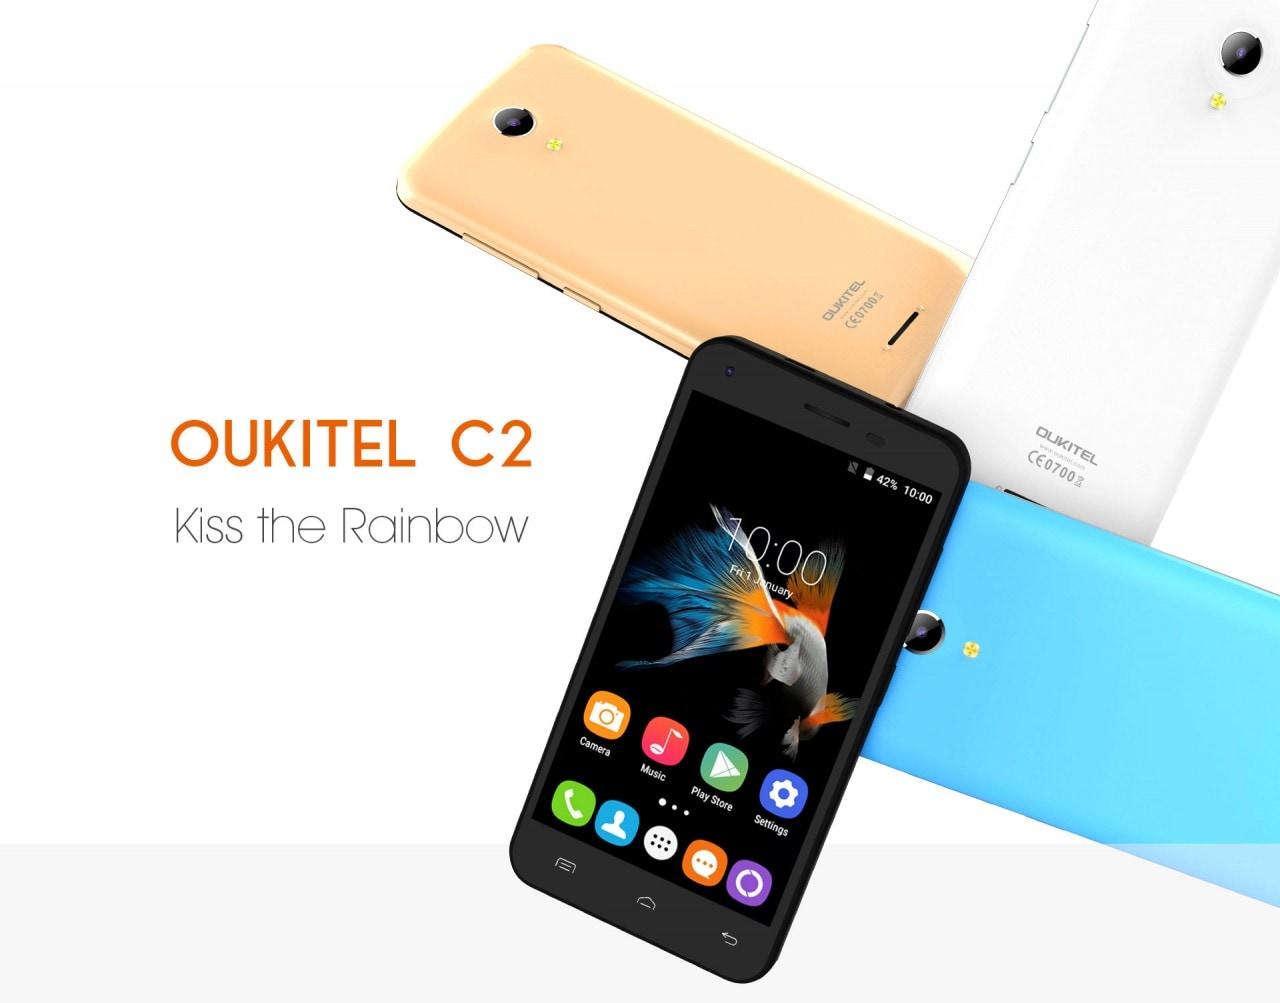 Oukitel annuncia il suo smartphone più economico di sempre ma... non dice quanto costa (foto)